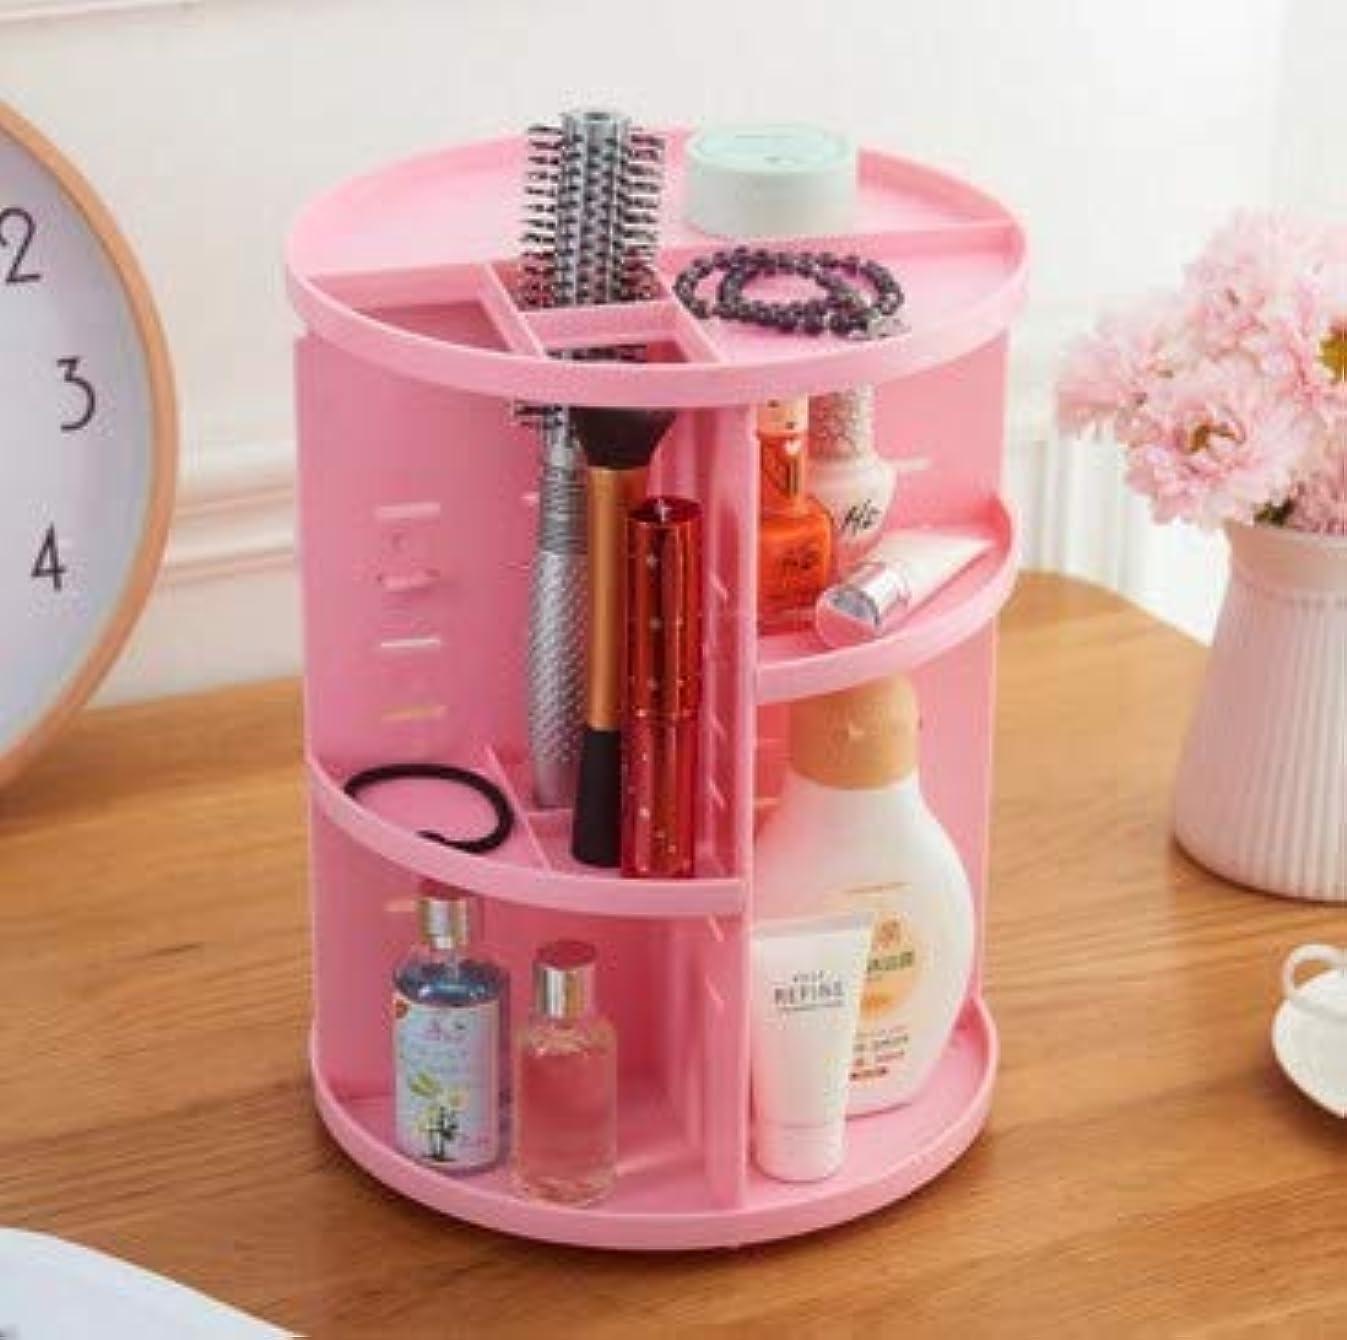 メモ熟練したクールデスクトップロータリー収納ボックス多機能プラスチックバスルーム仕上げボックス化粧品収納ボックス (Color : ピンク)